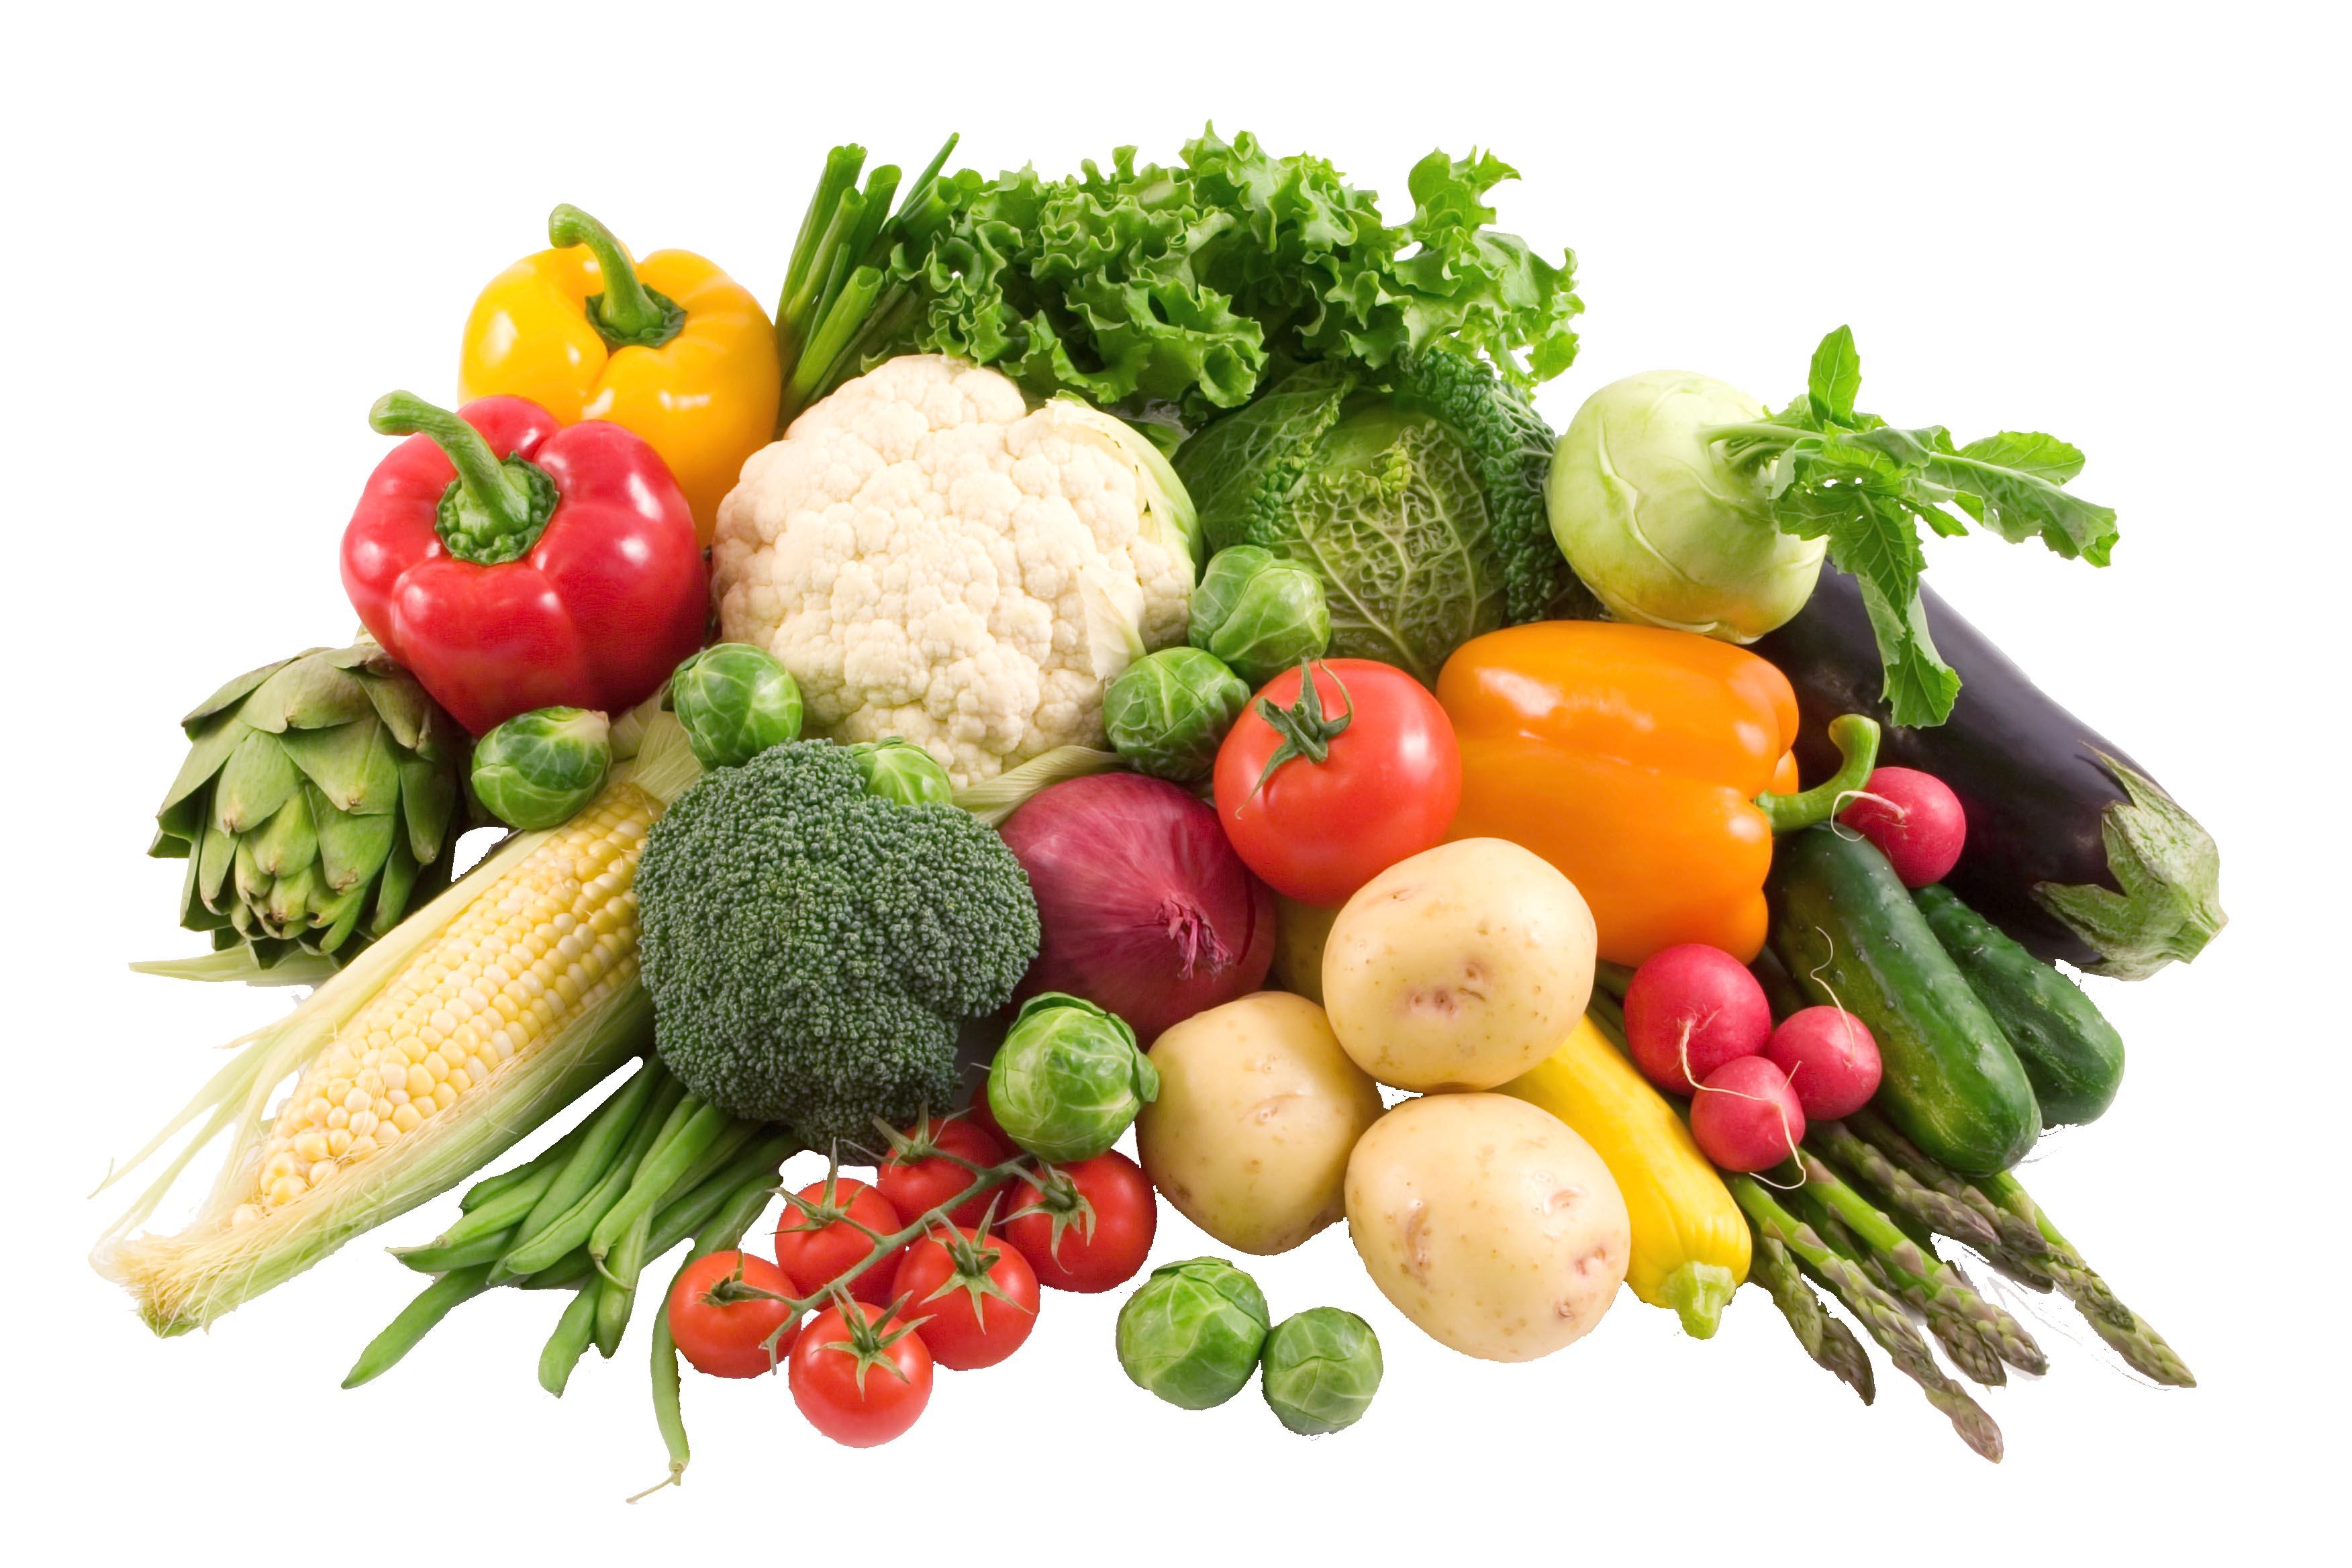 conseils pour la conservation des legumes en hiver l 39 actualit de graines hubert. Black Bedroom Furniture Sets. Home Design Ideas